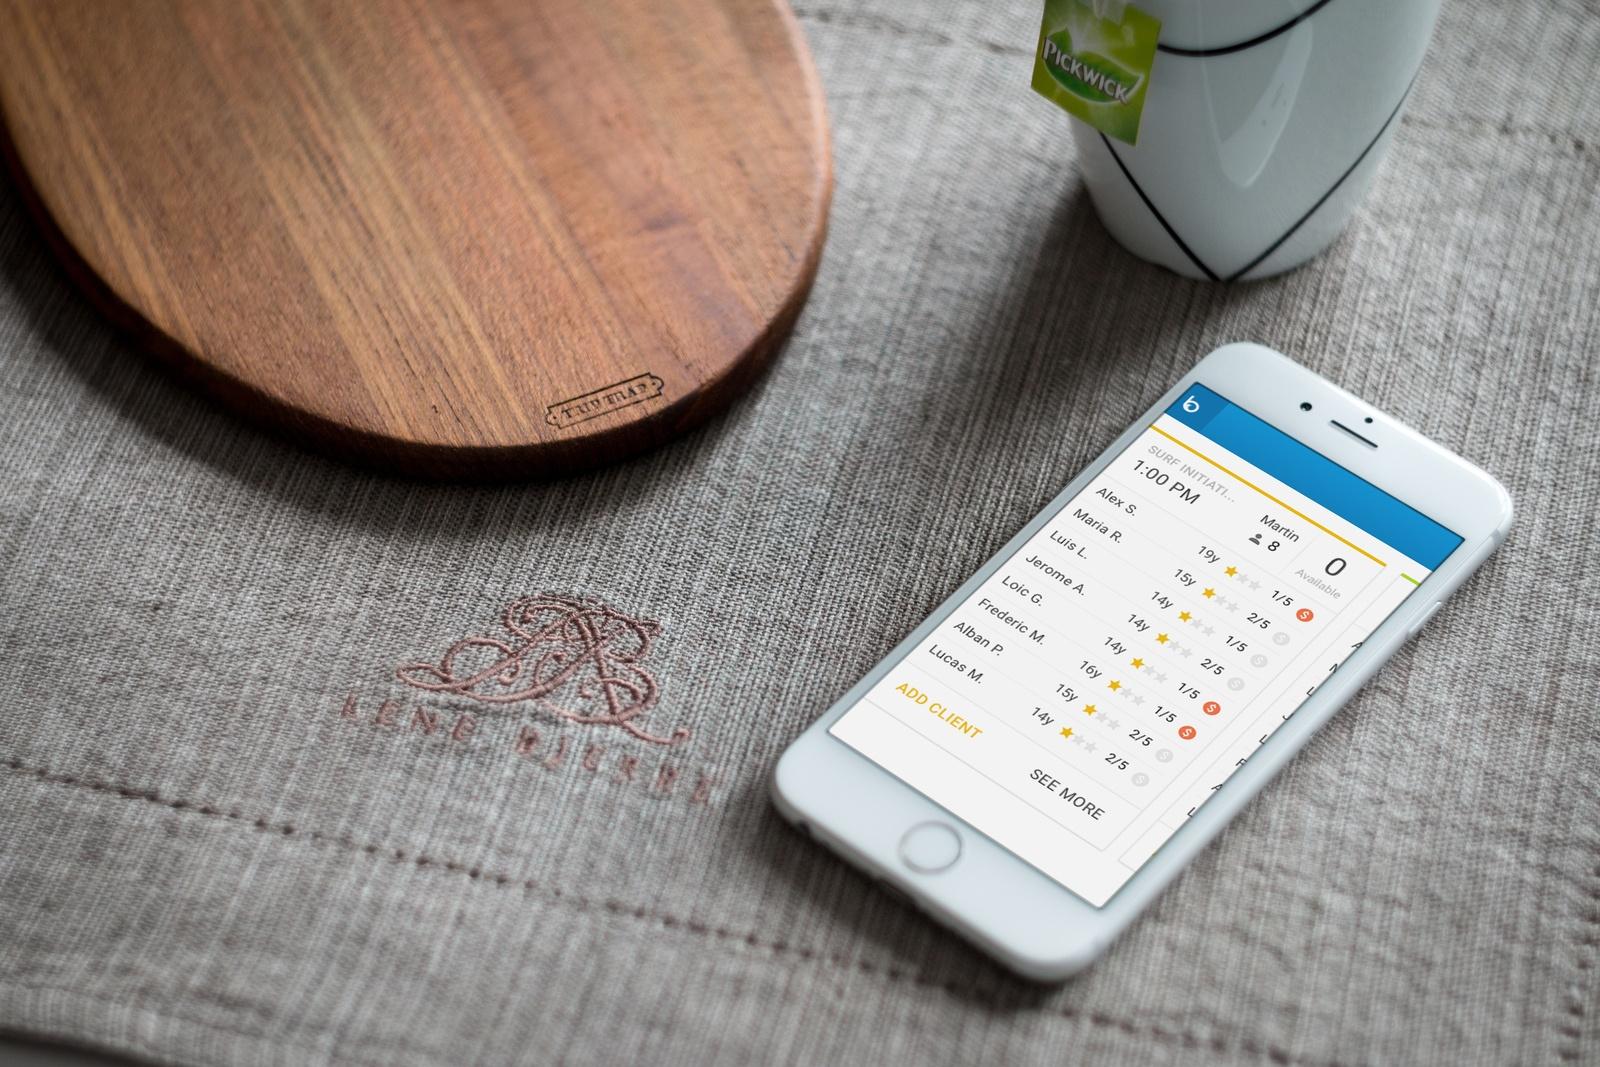 Planificación de reservas a través del móvil